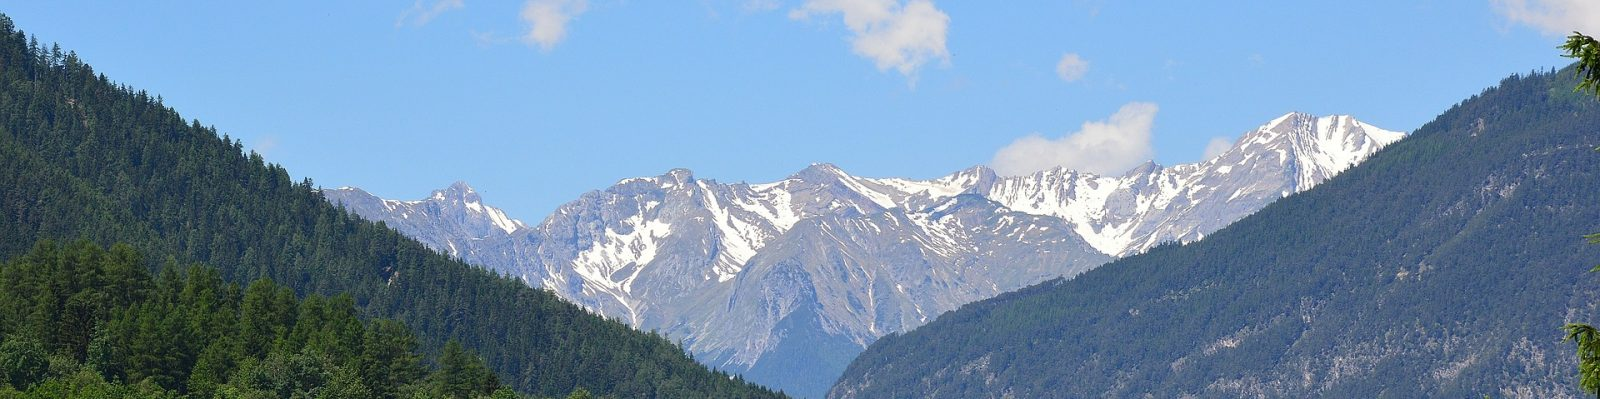 Tirol reisinformatie